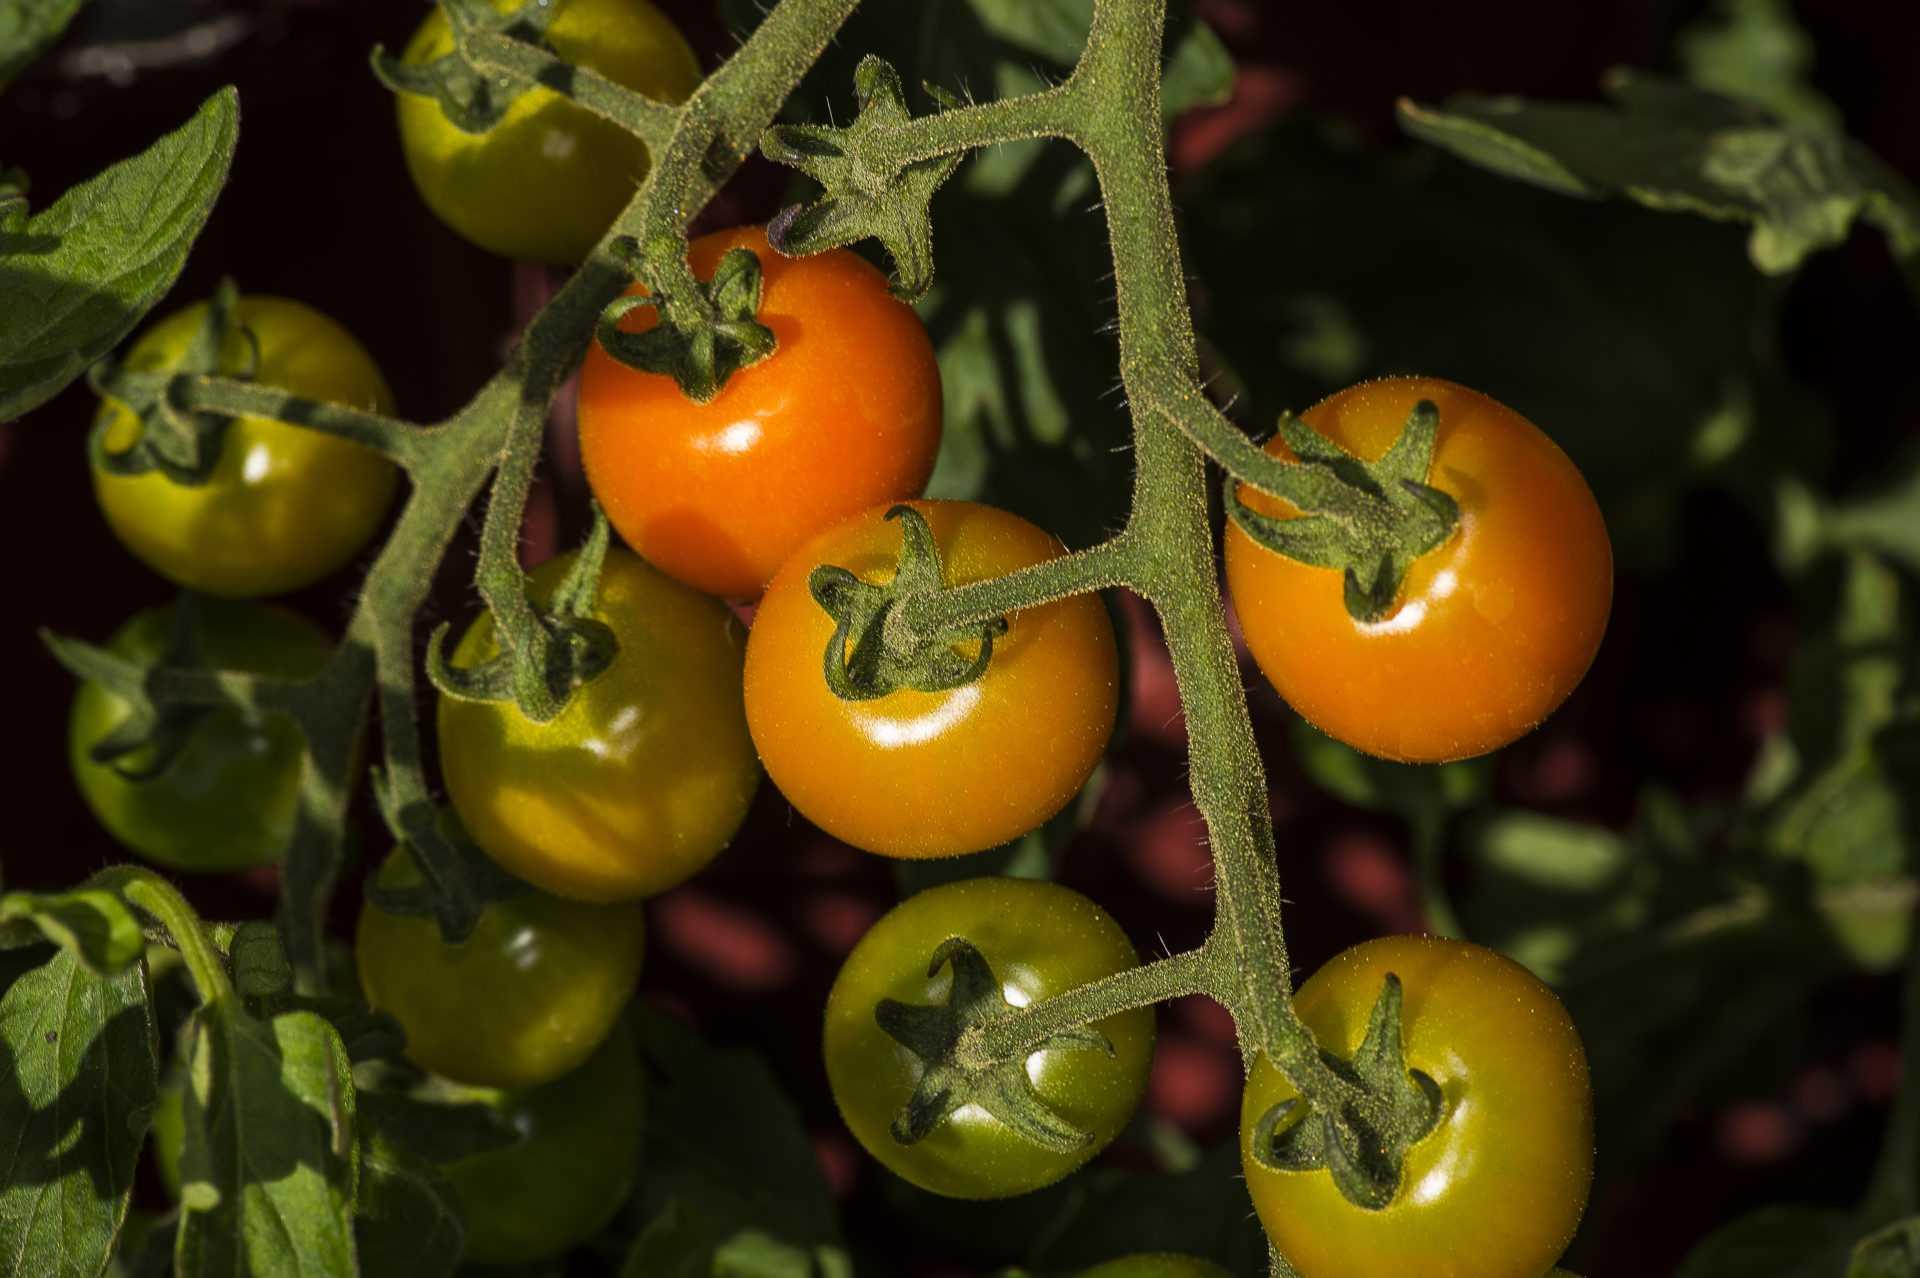 Süßwasser in der Landwirtschaft: Wasserschlucker Tomaten